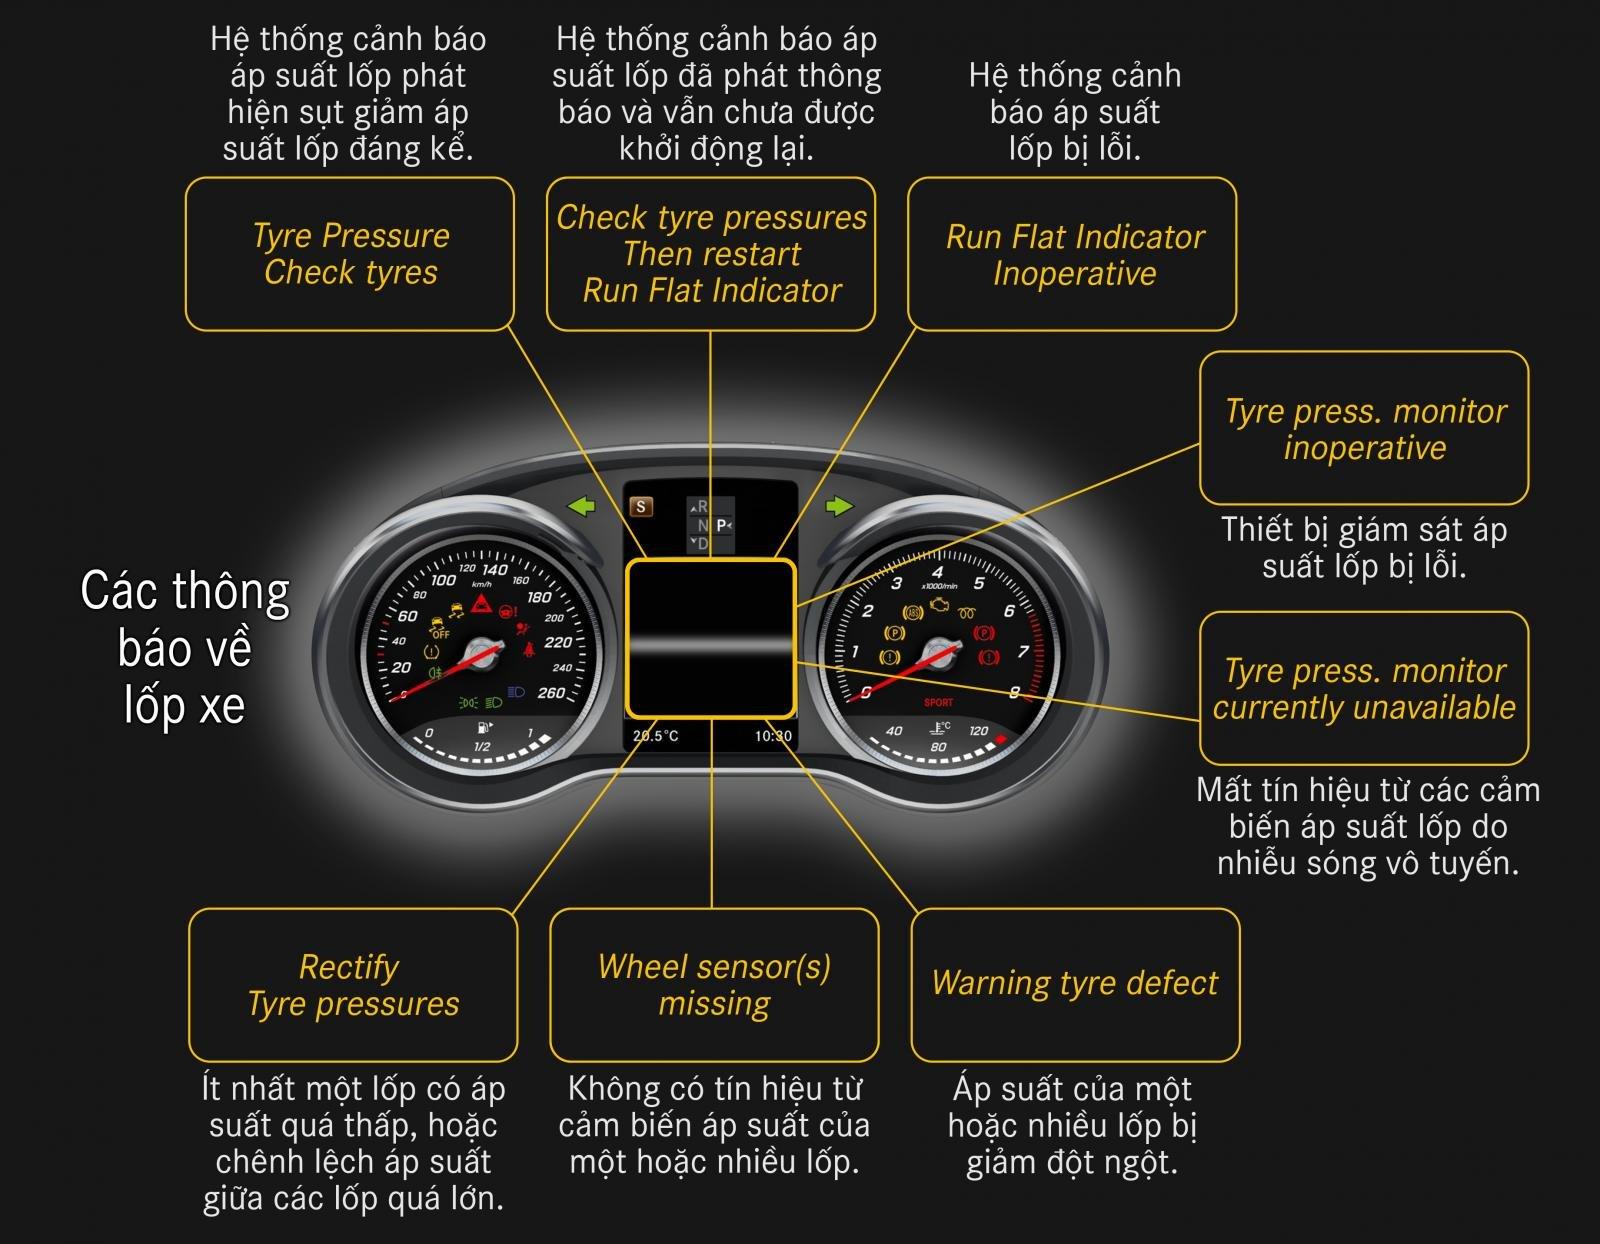 Thông báo về lốp xe.